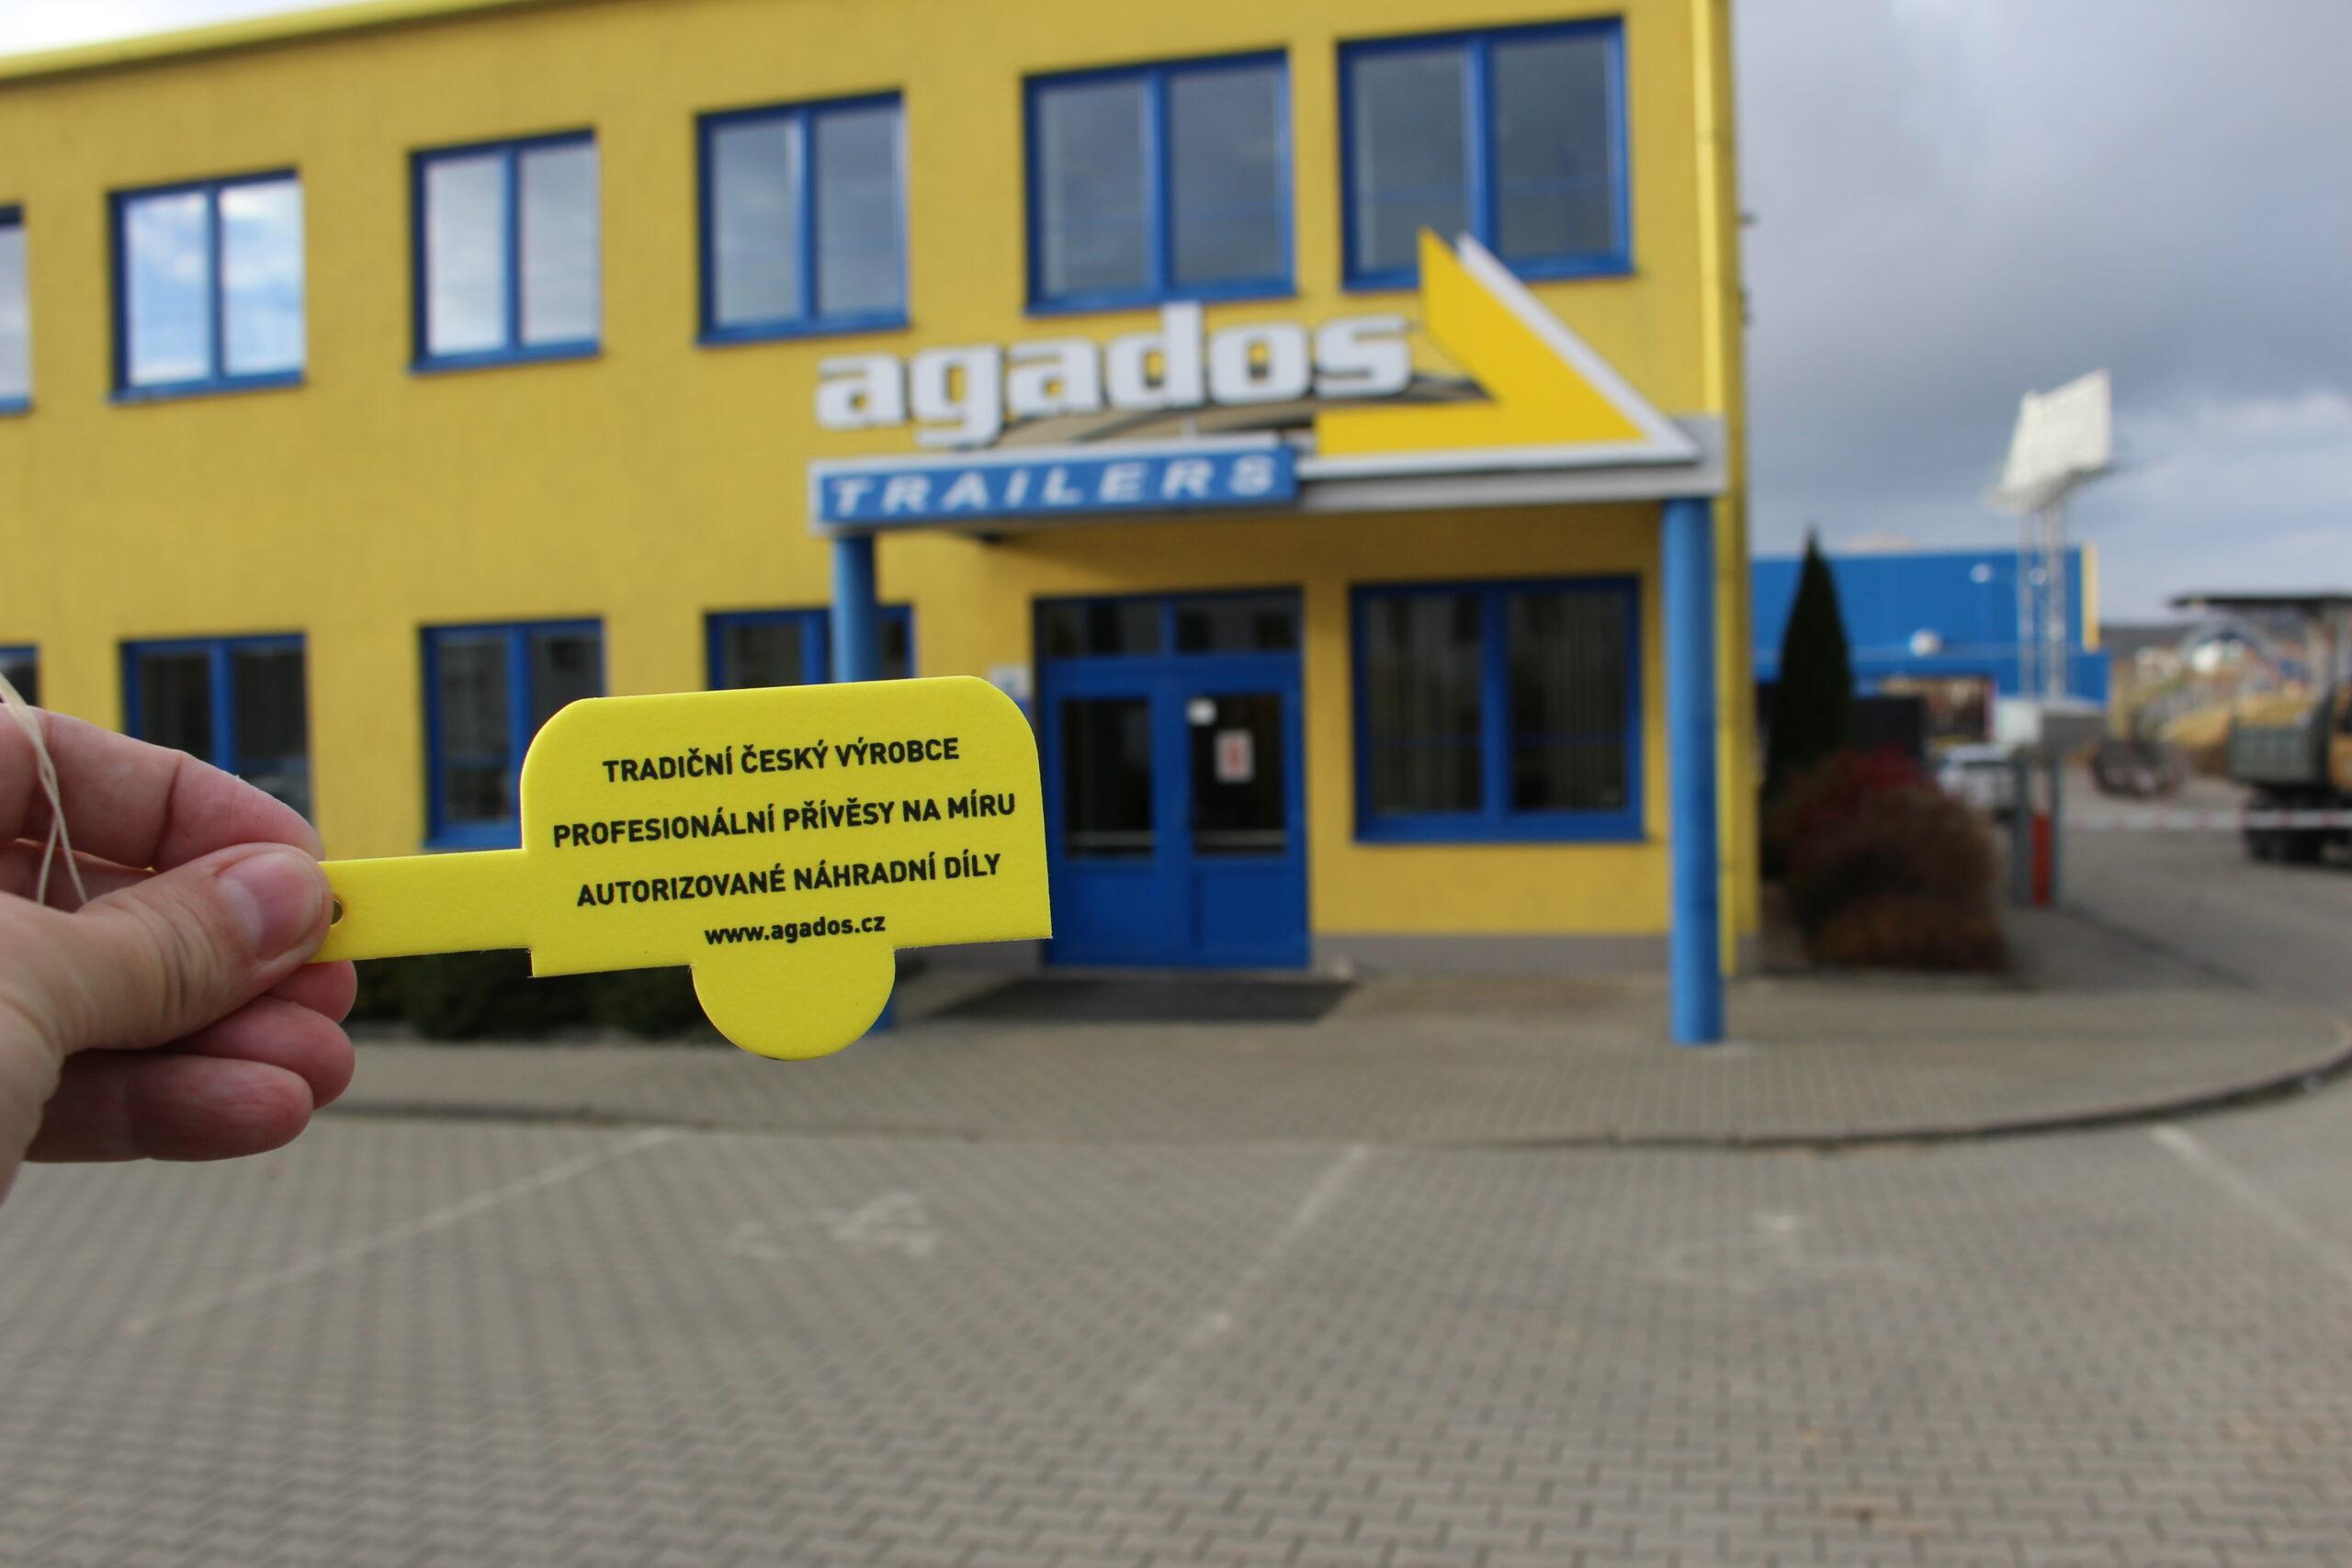 Ve firmě Agados na vás dýchne přátelská atmosféra a hned cítíte, že jste na místě plném profíků ve svém oboru